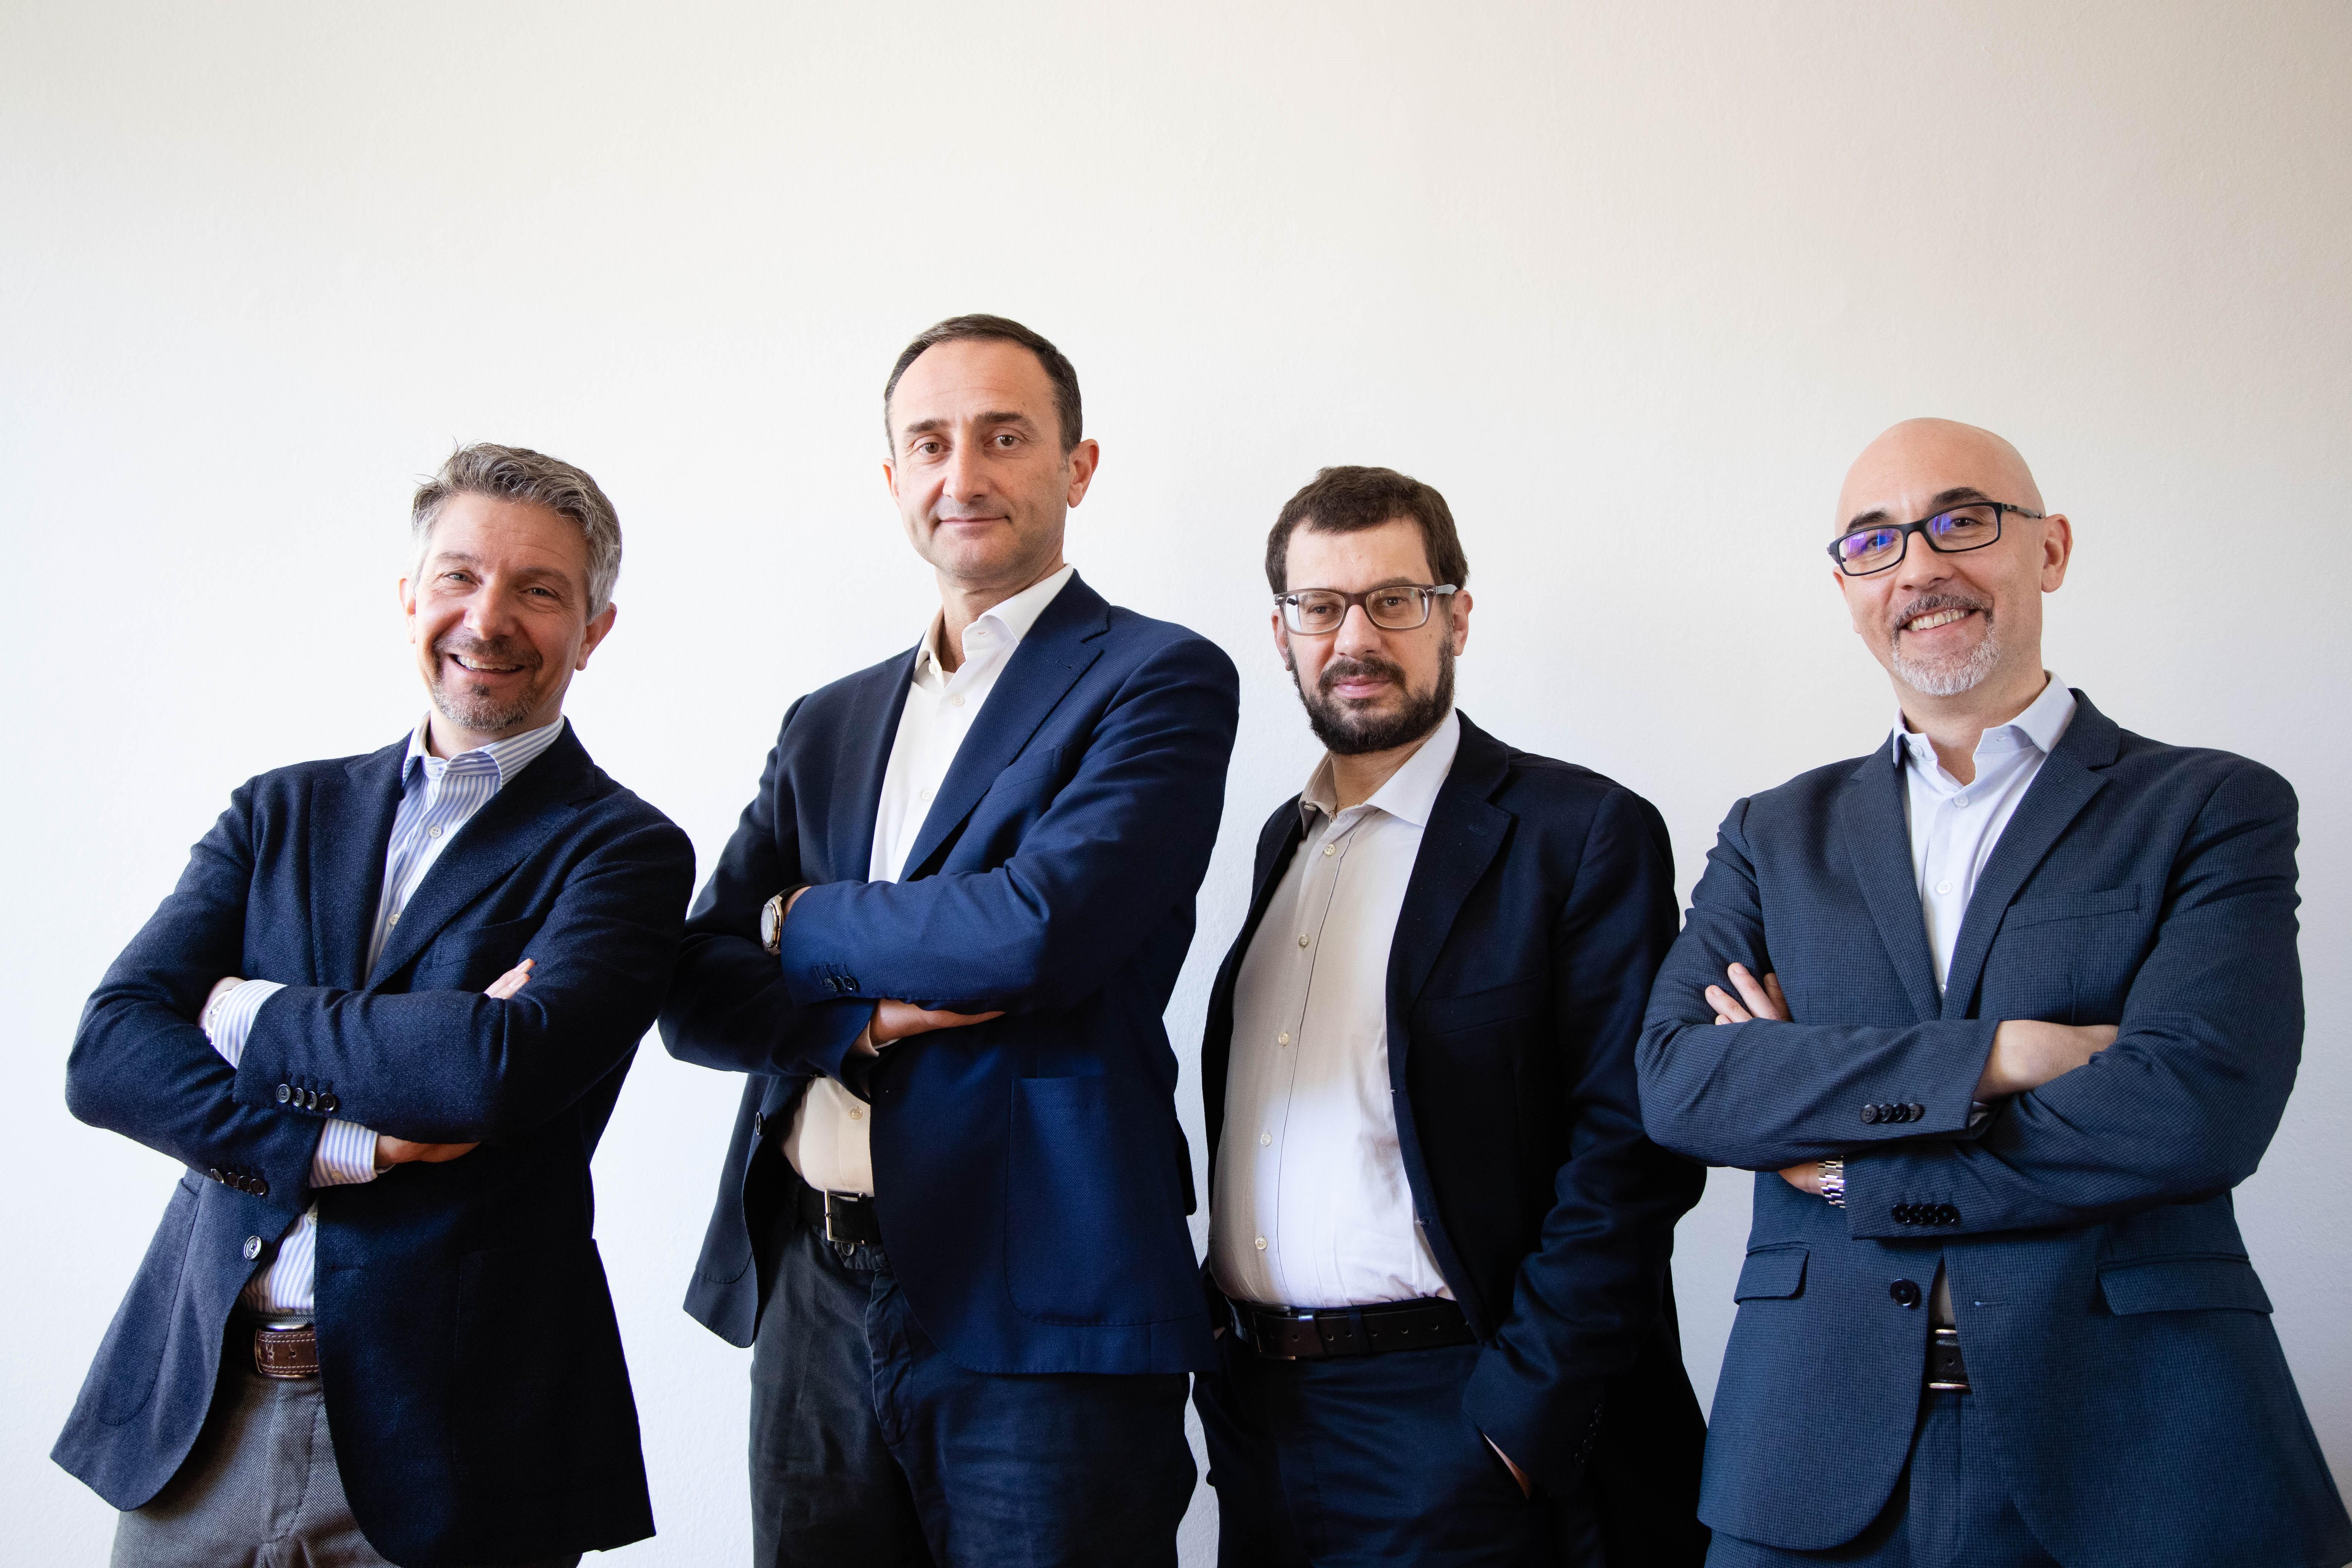 Il team di Amilon: da sinistra a destra: Fabio Regazzoni, socio fondatore e Ceo, Andrea Verri, socio fondatore e Ceo, Renato Buontempo, Cio e Valerio Pacaccio, Coo